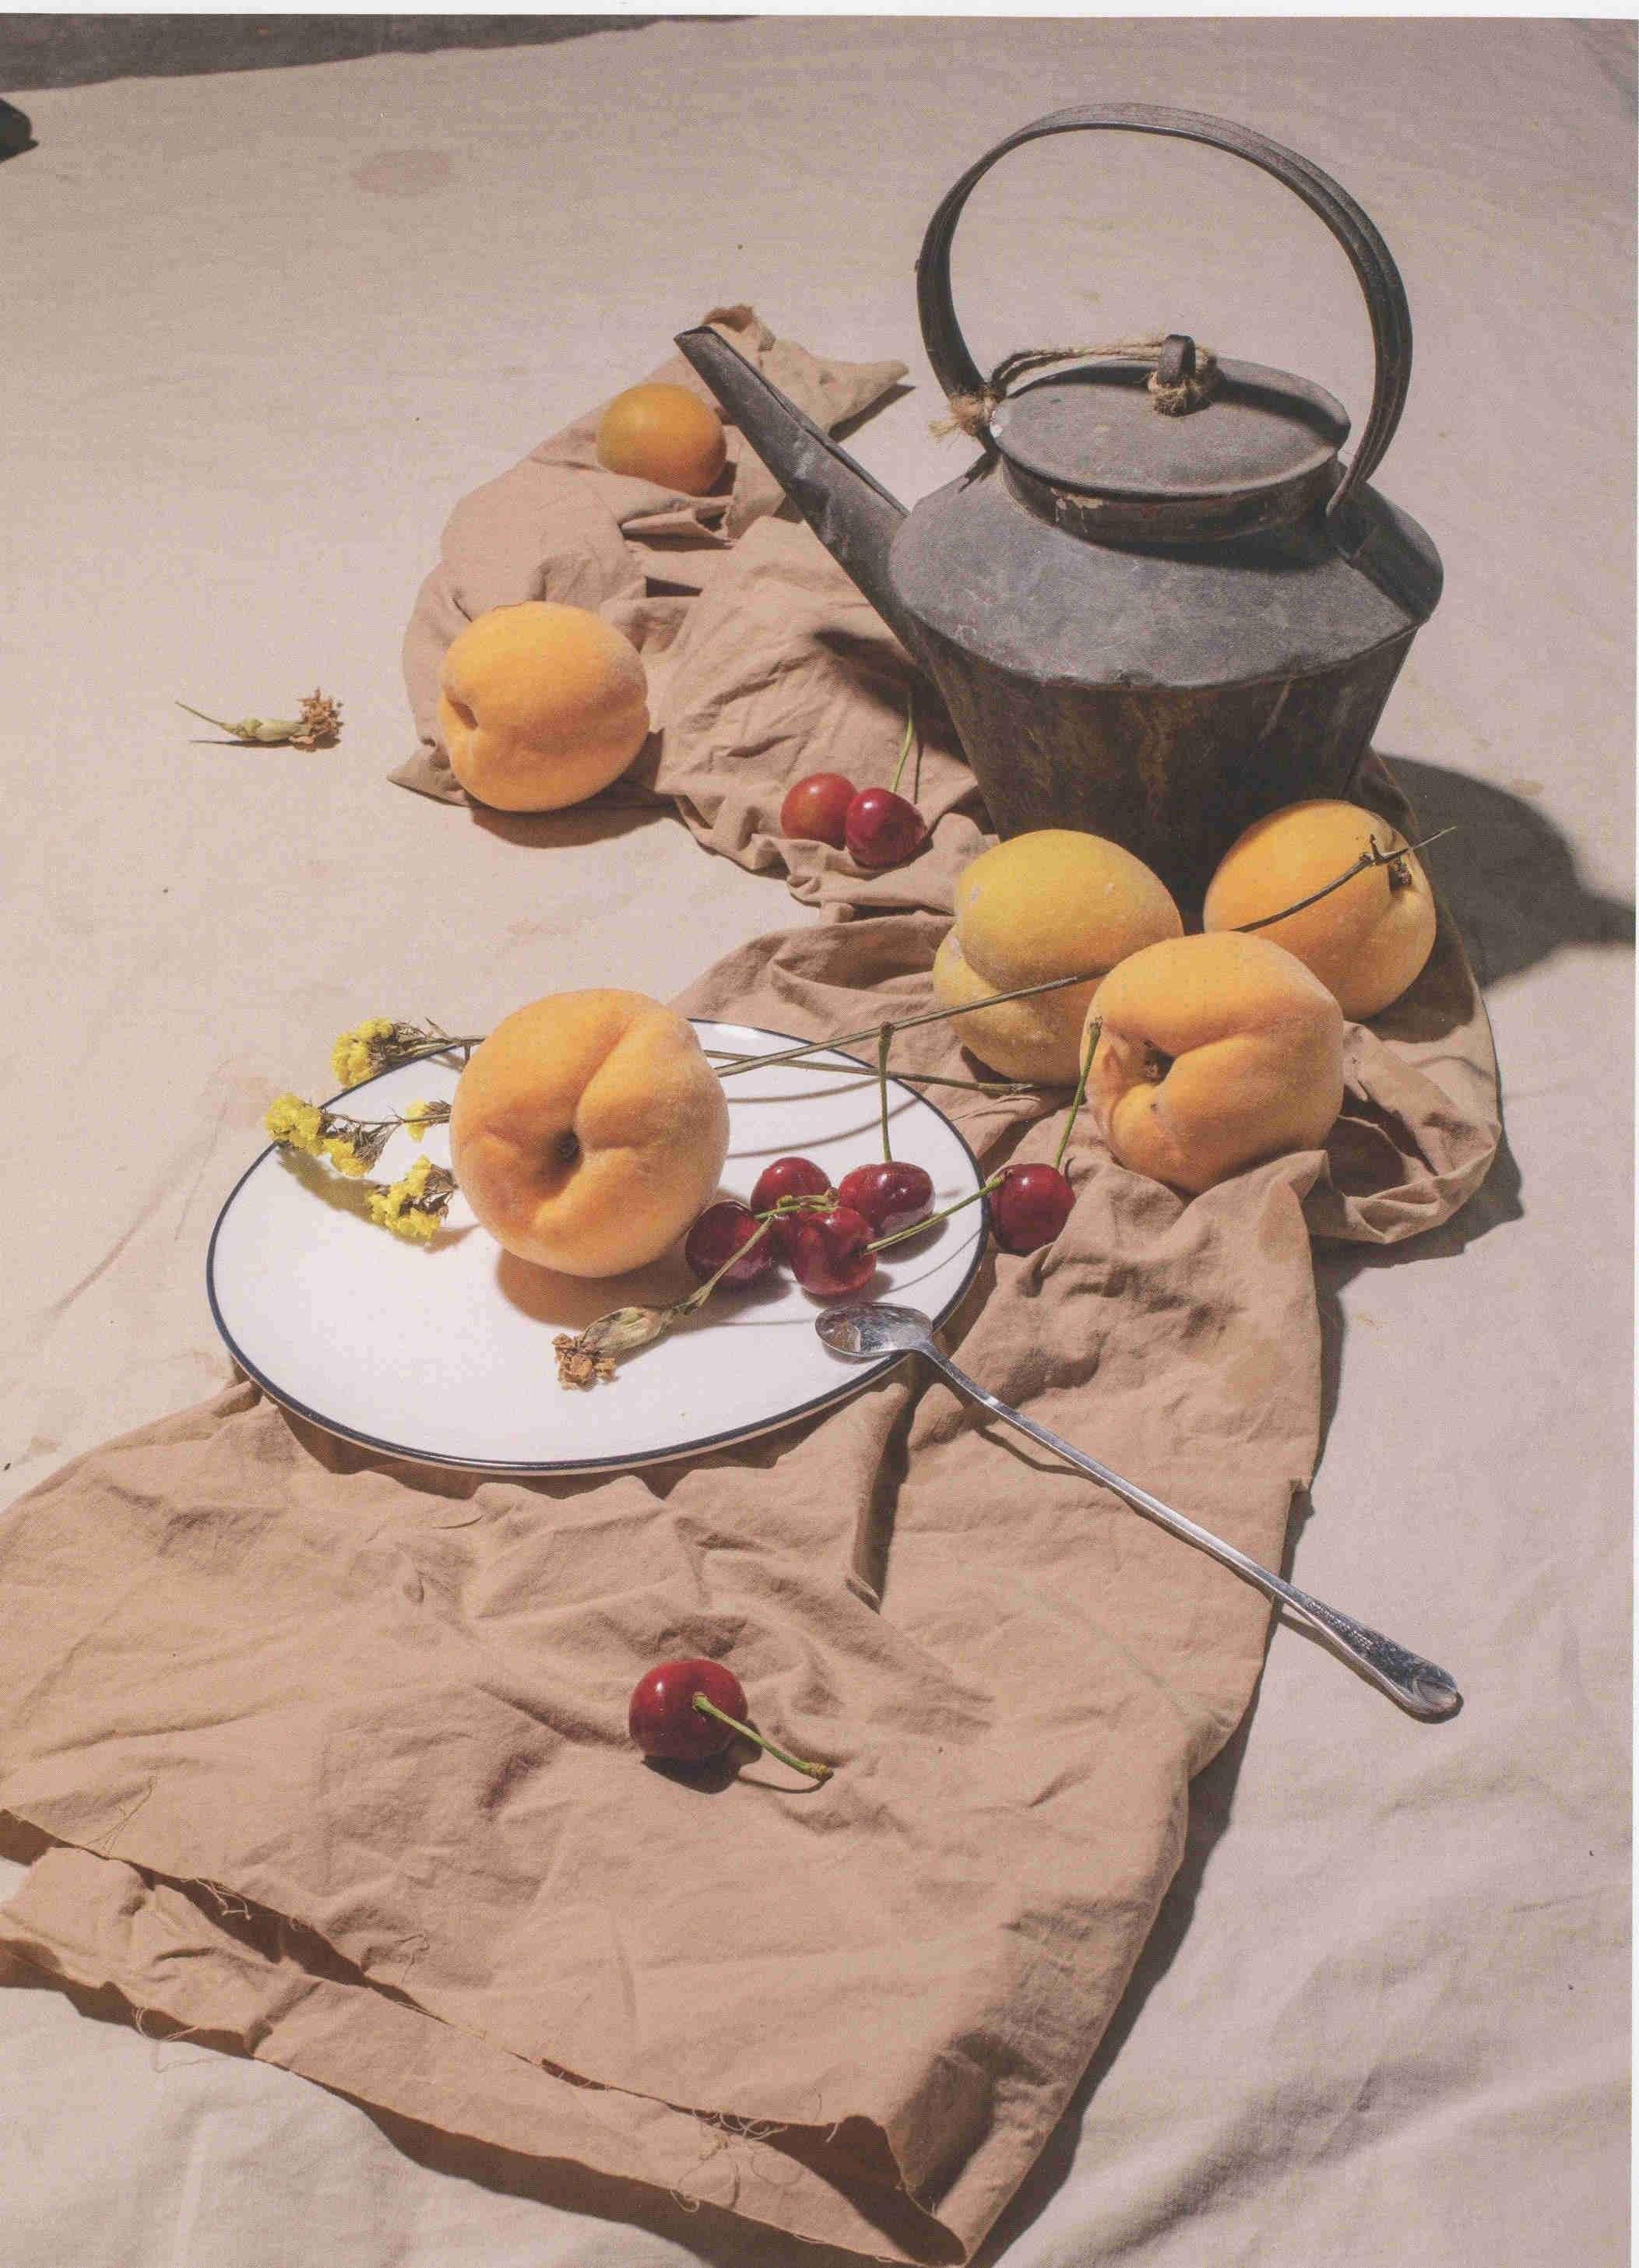 素描静物图片 素描生锈的水壶和杏、盘子油布等组合超清